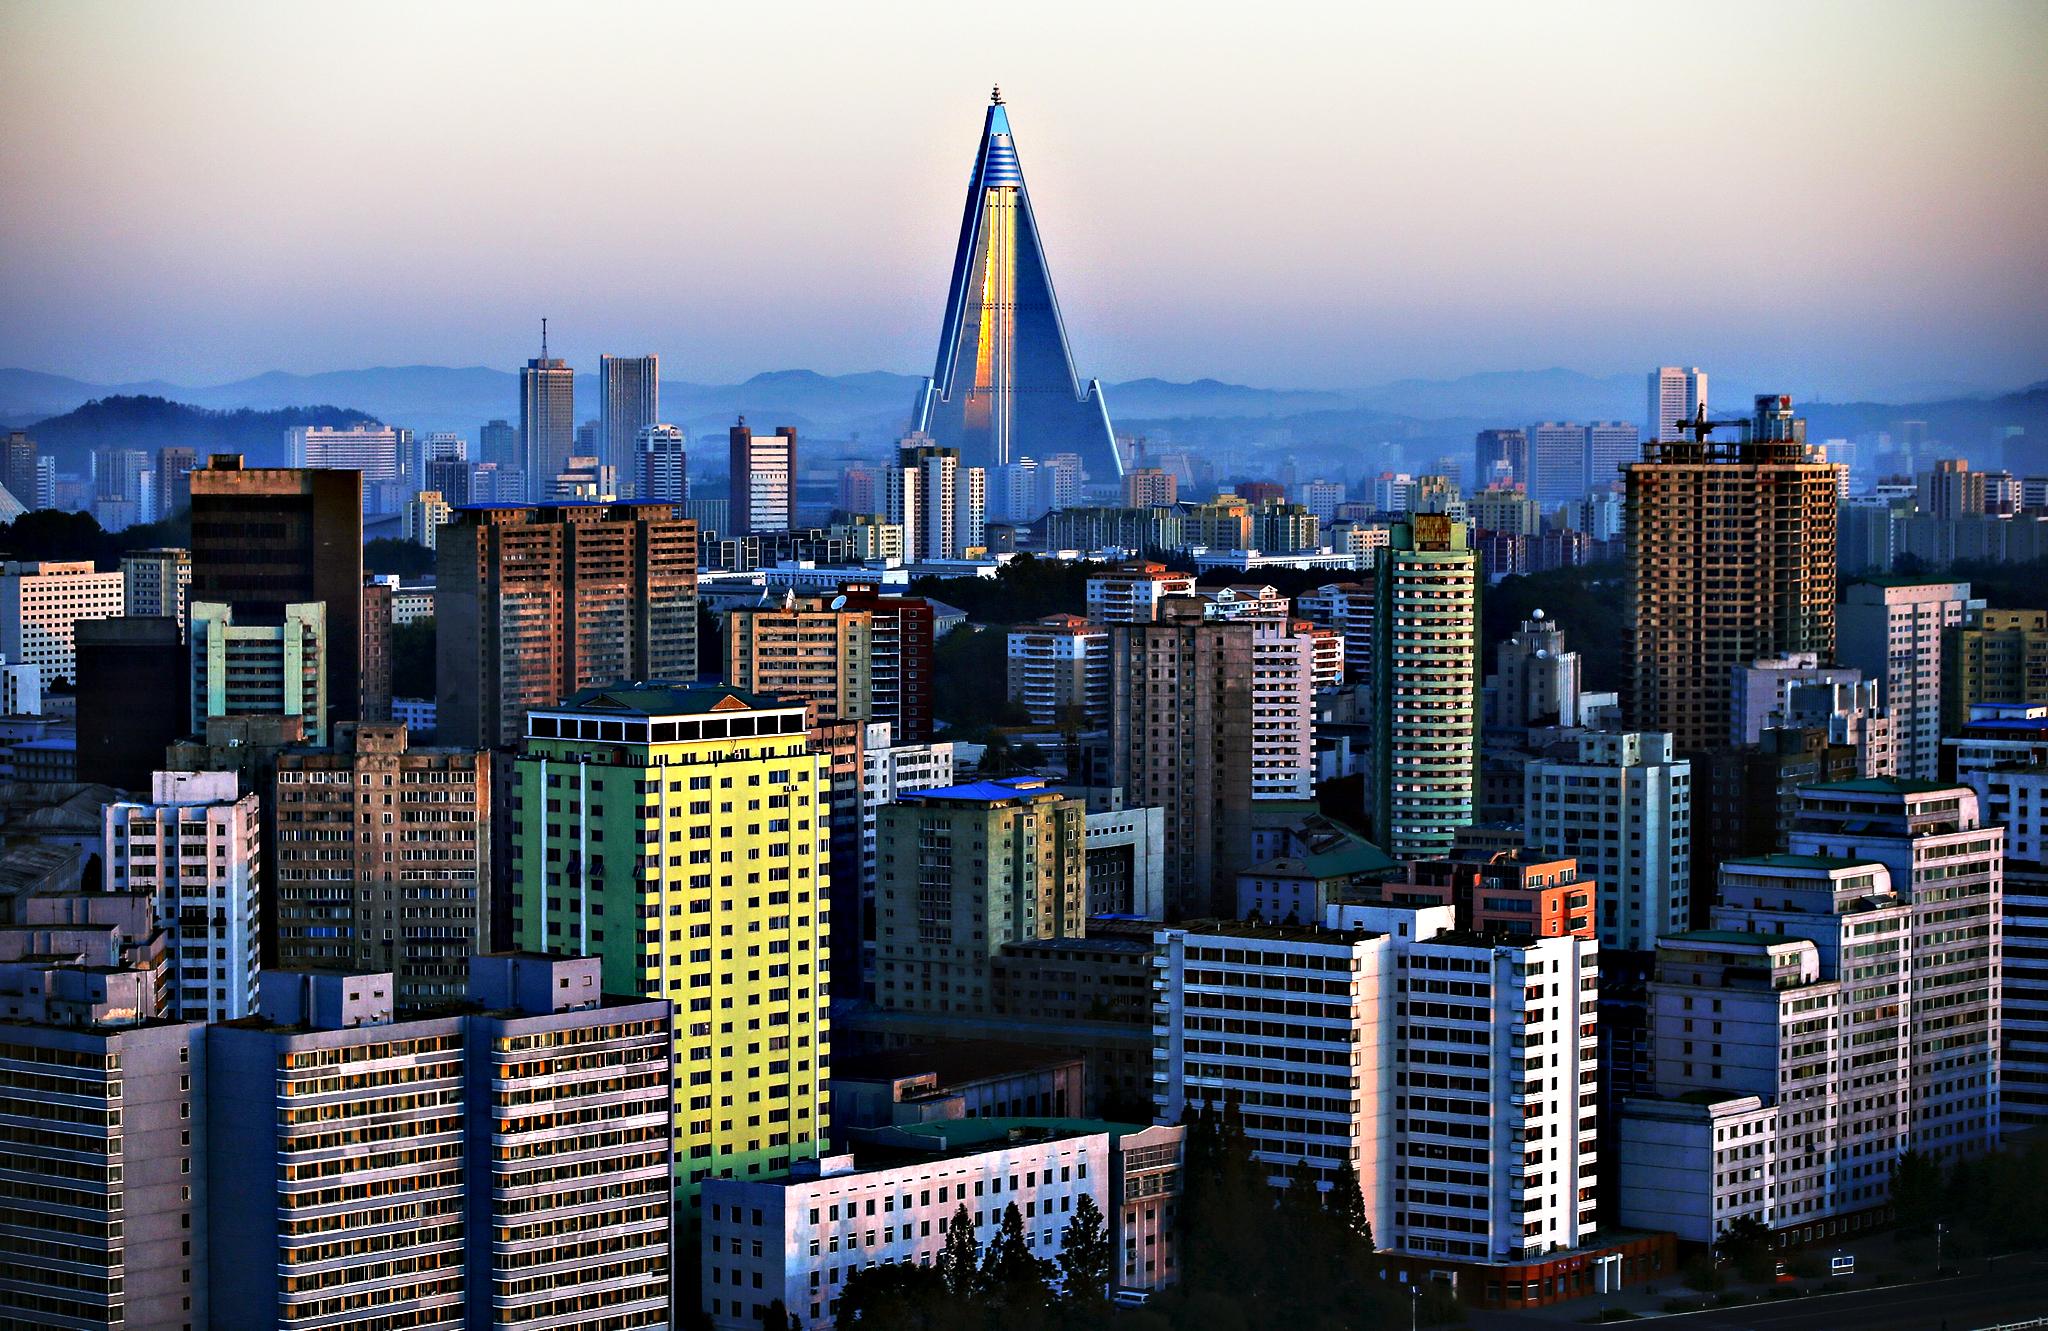 привезти город пхеньян фото которых